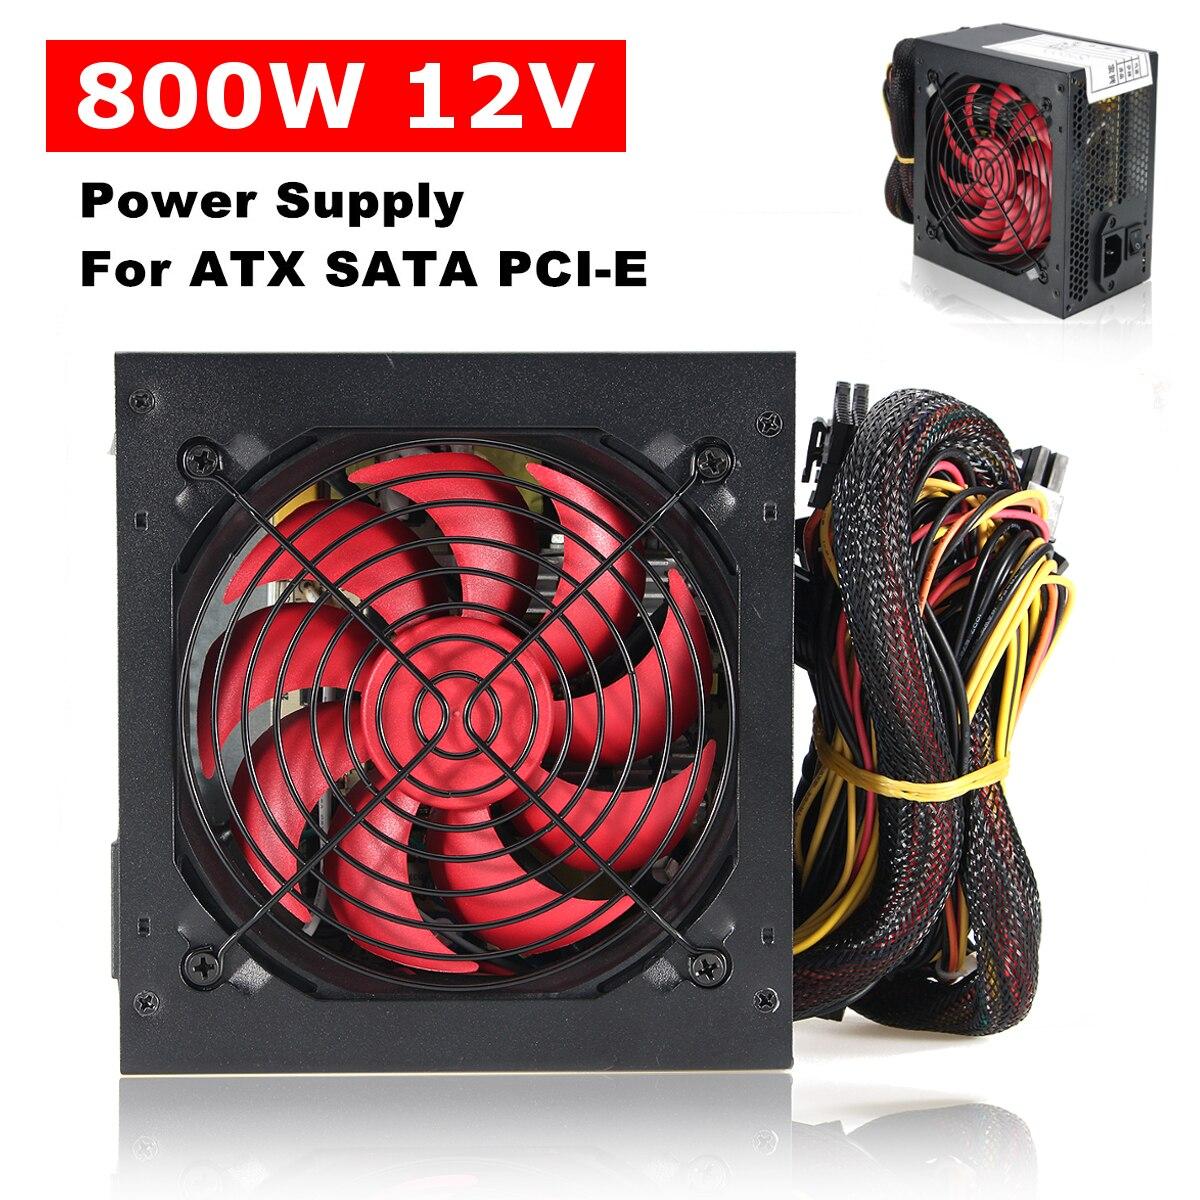 Tranquila 800 vatios 800 W para Intel AMD PC 12 V ATX fuente de alimentación de la PC SLI PCI-E 12 cm ventilador de alta calidad de la computadora de la fuente de alimentación para BTC